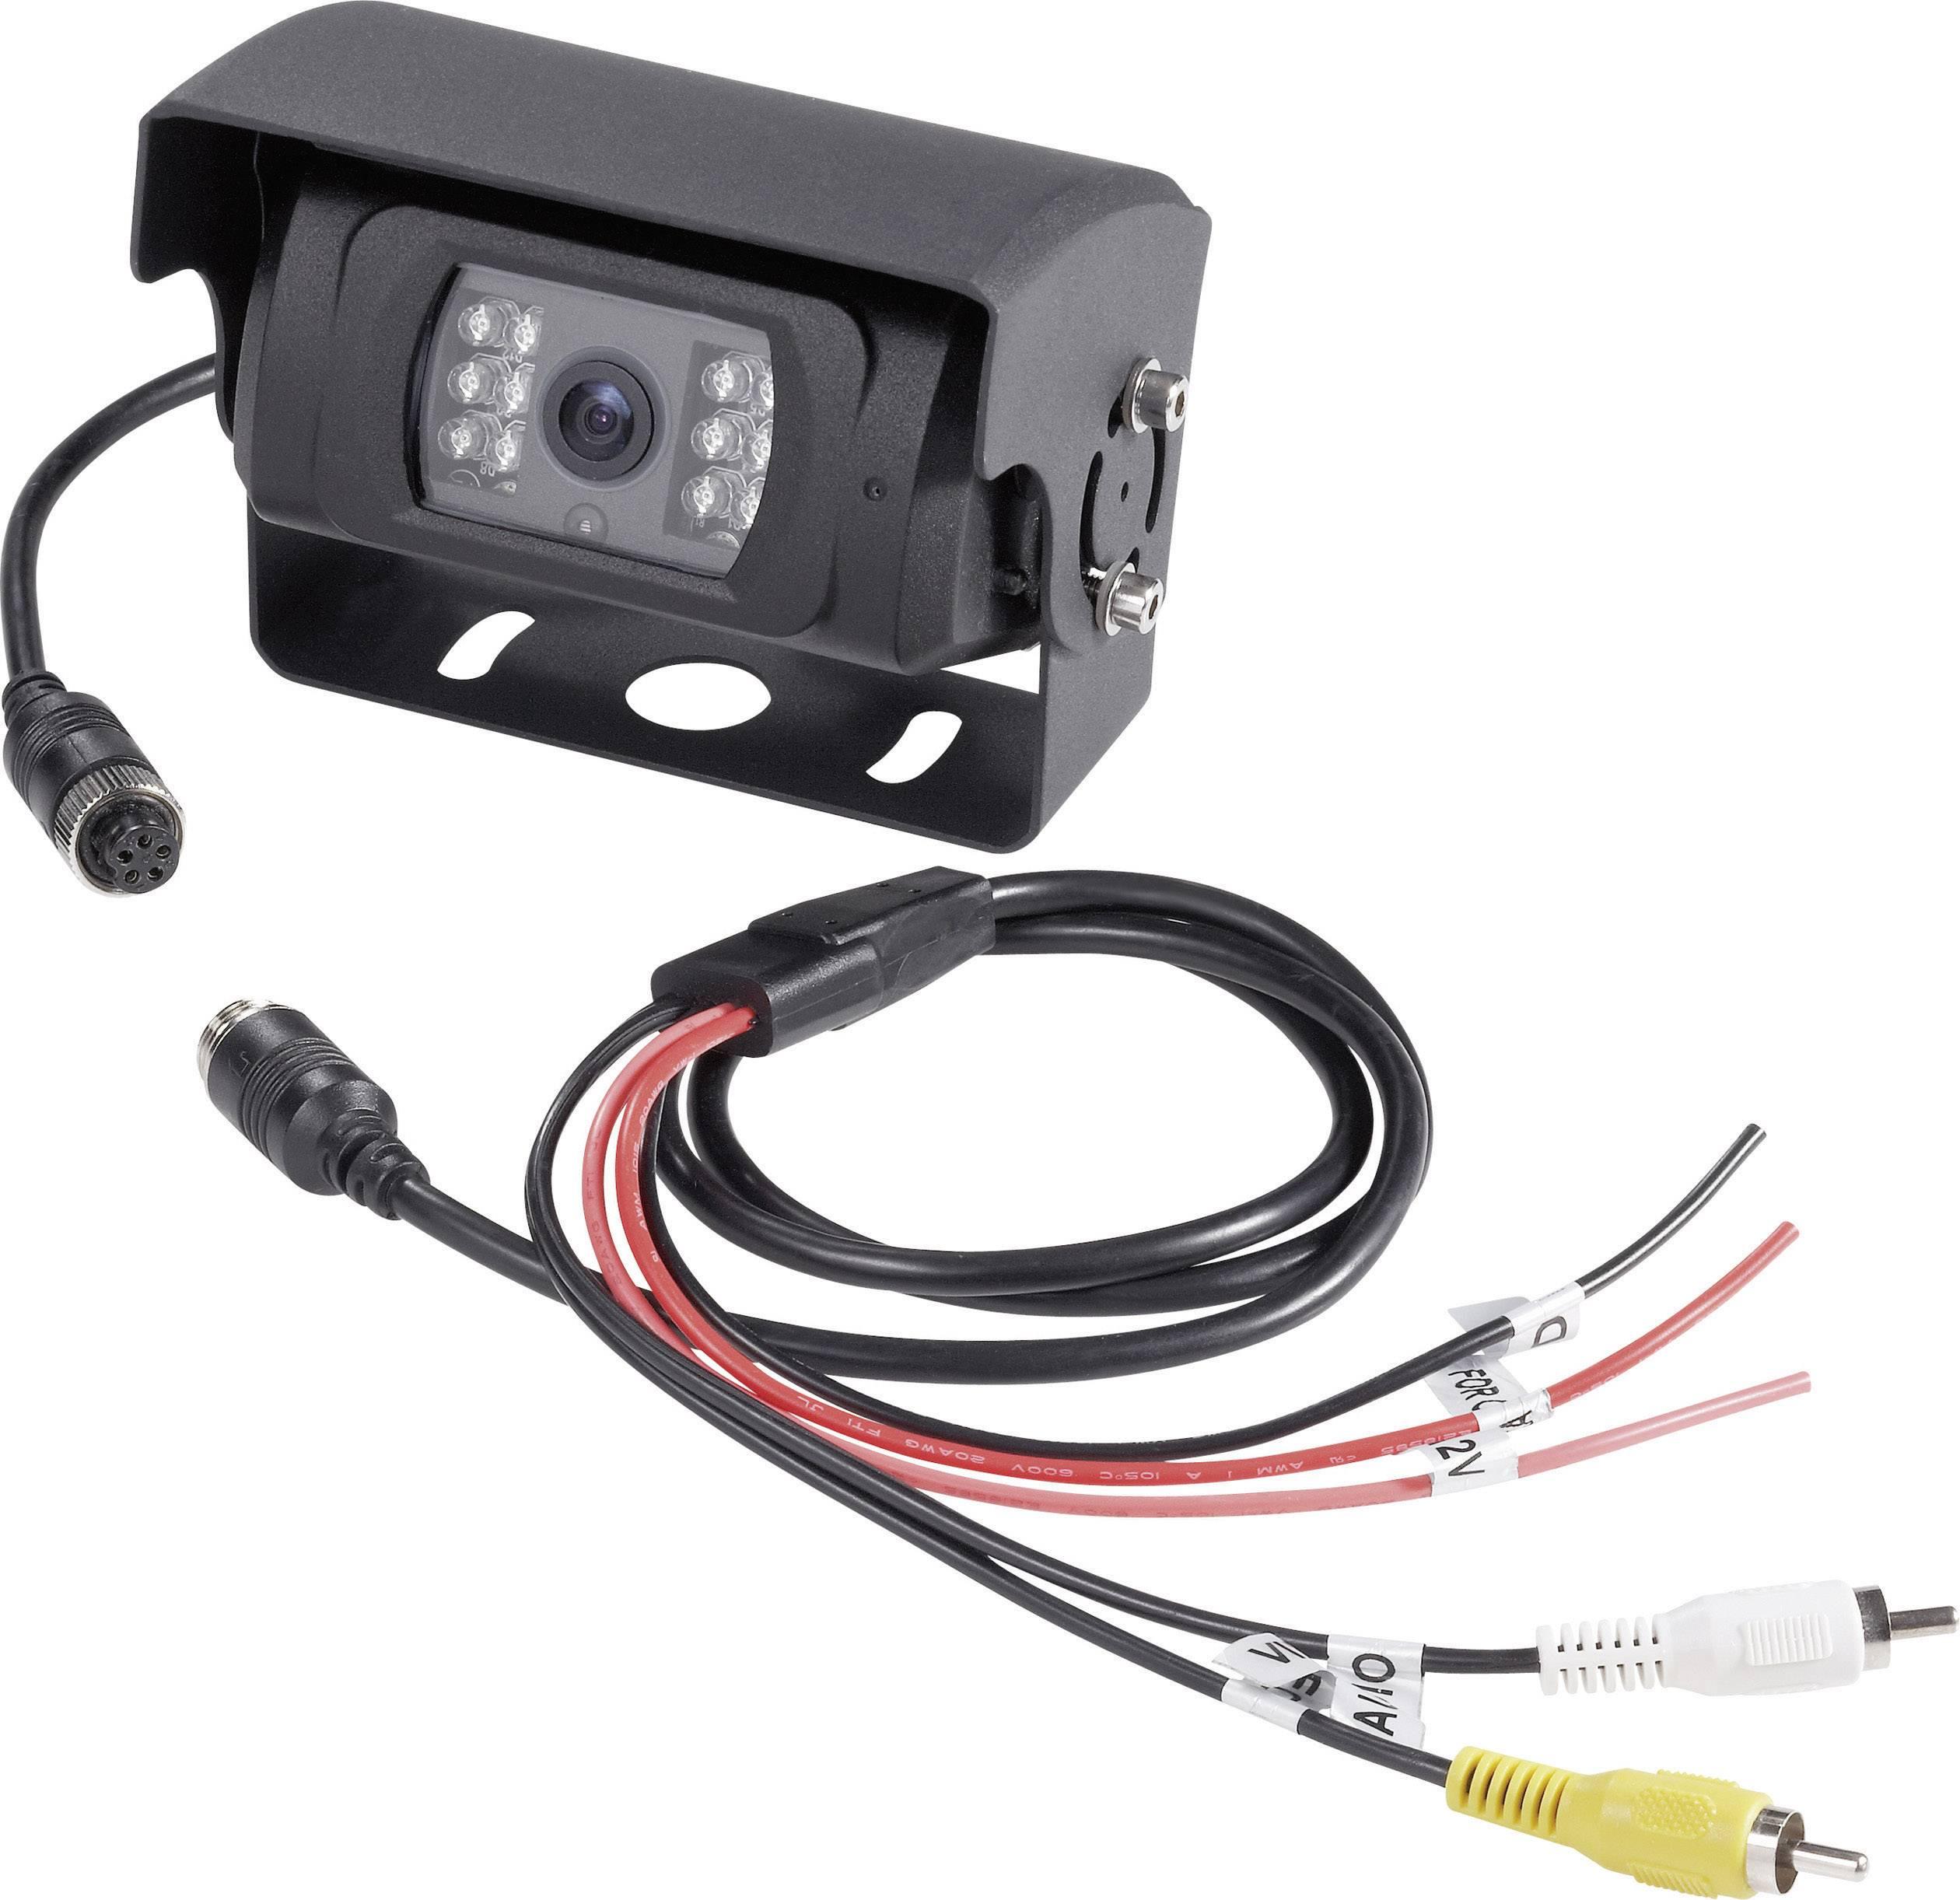 Cúvacia kamera s káblom SV-CW144635MCAI 4